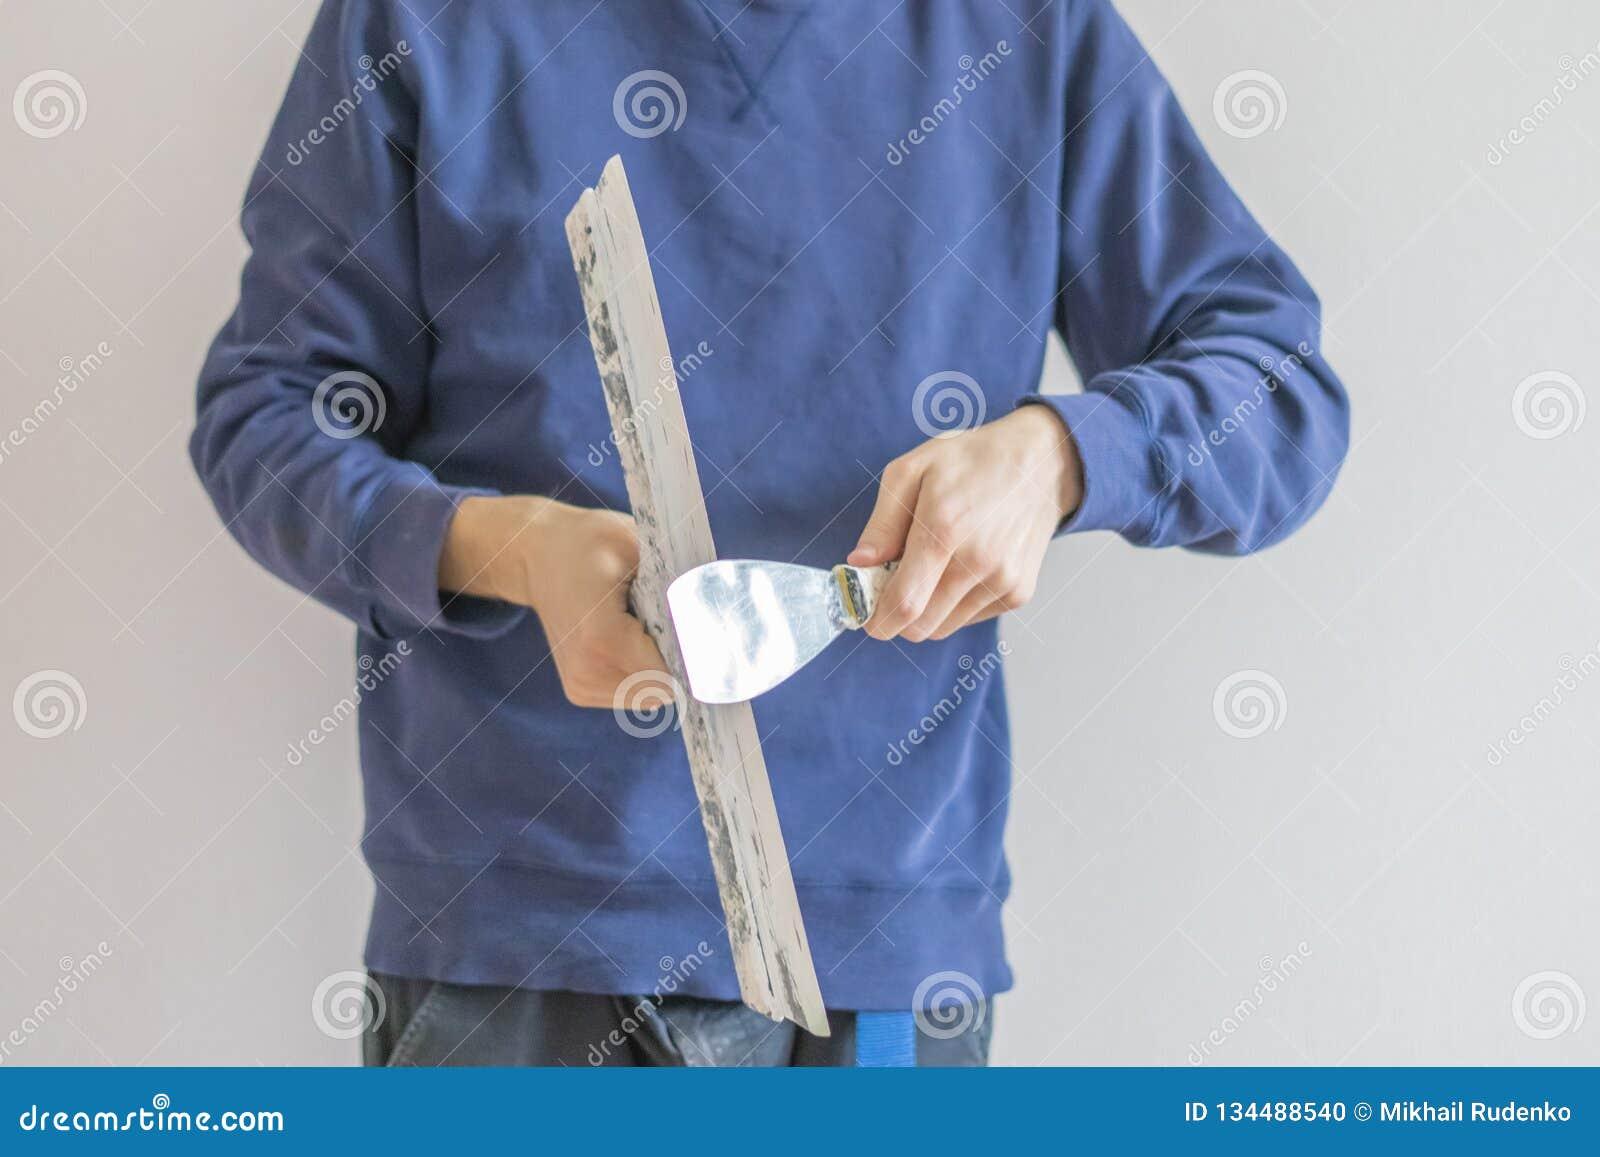 Abschluss herauf den Mann, der die Kittmesser vergipsen das Wand-, Funktions- und Reparaturhaus f hält